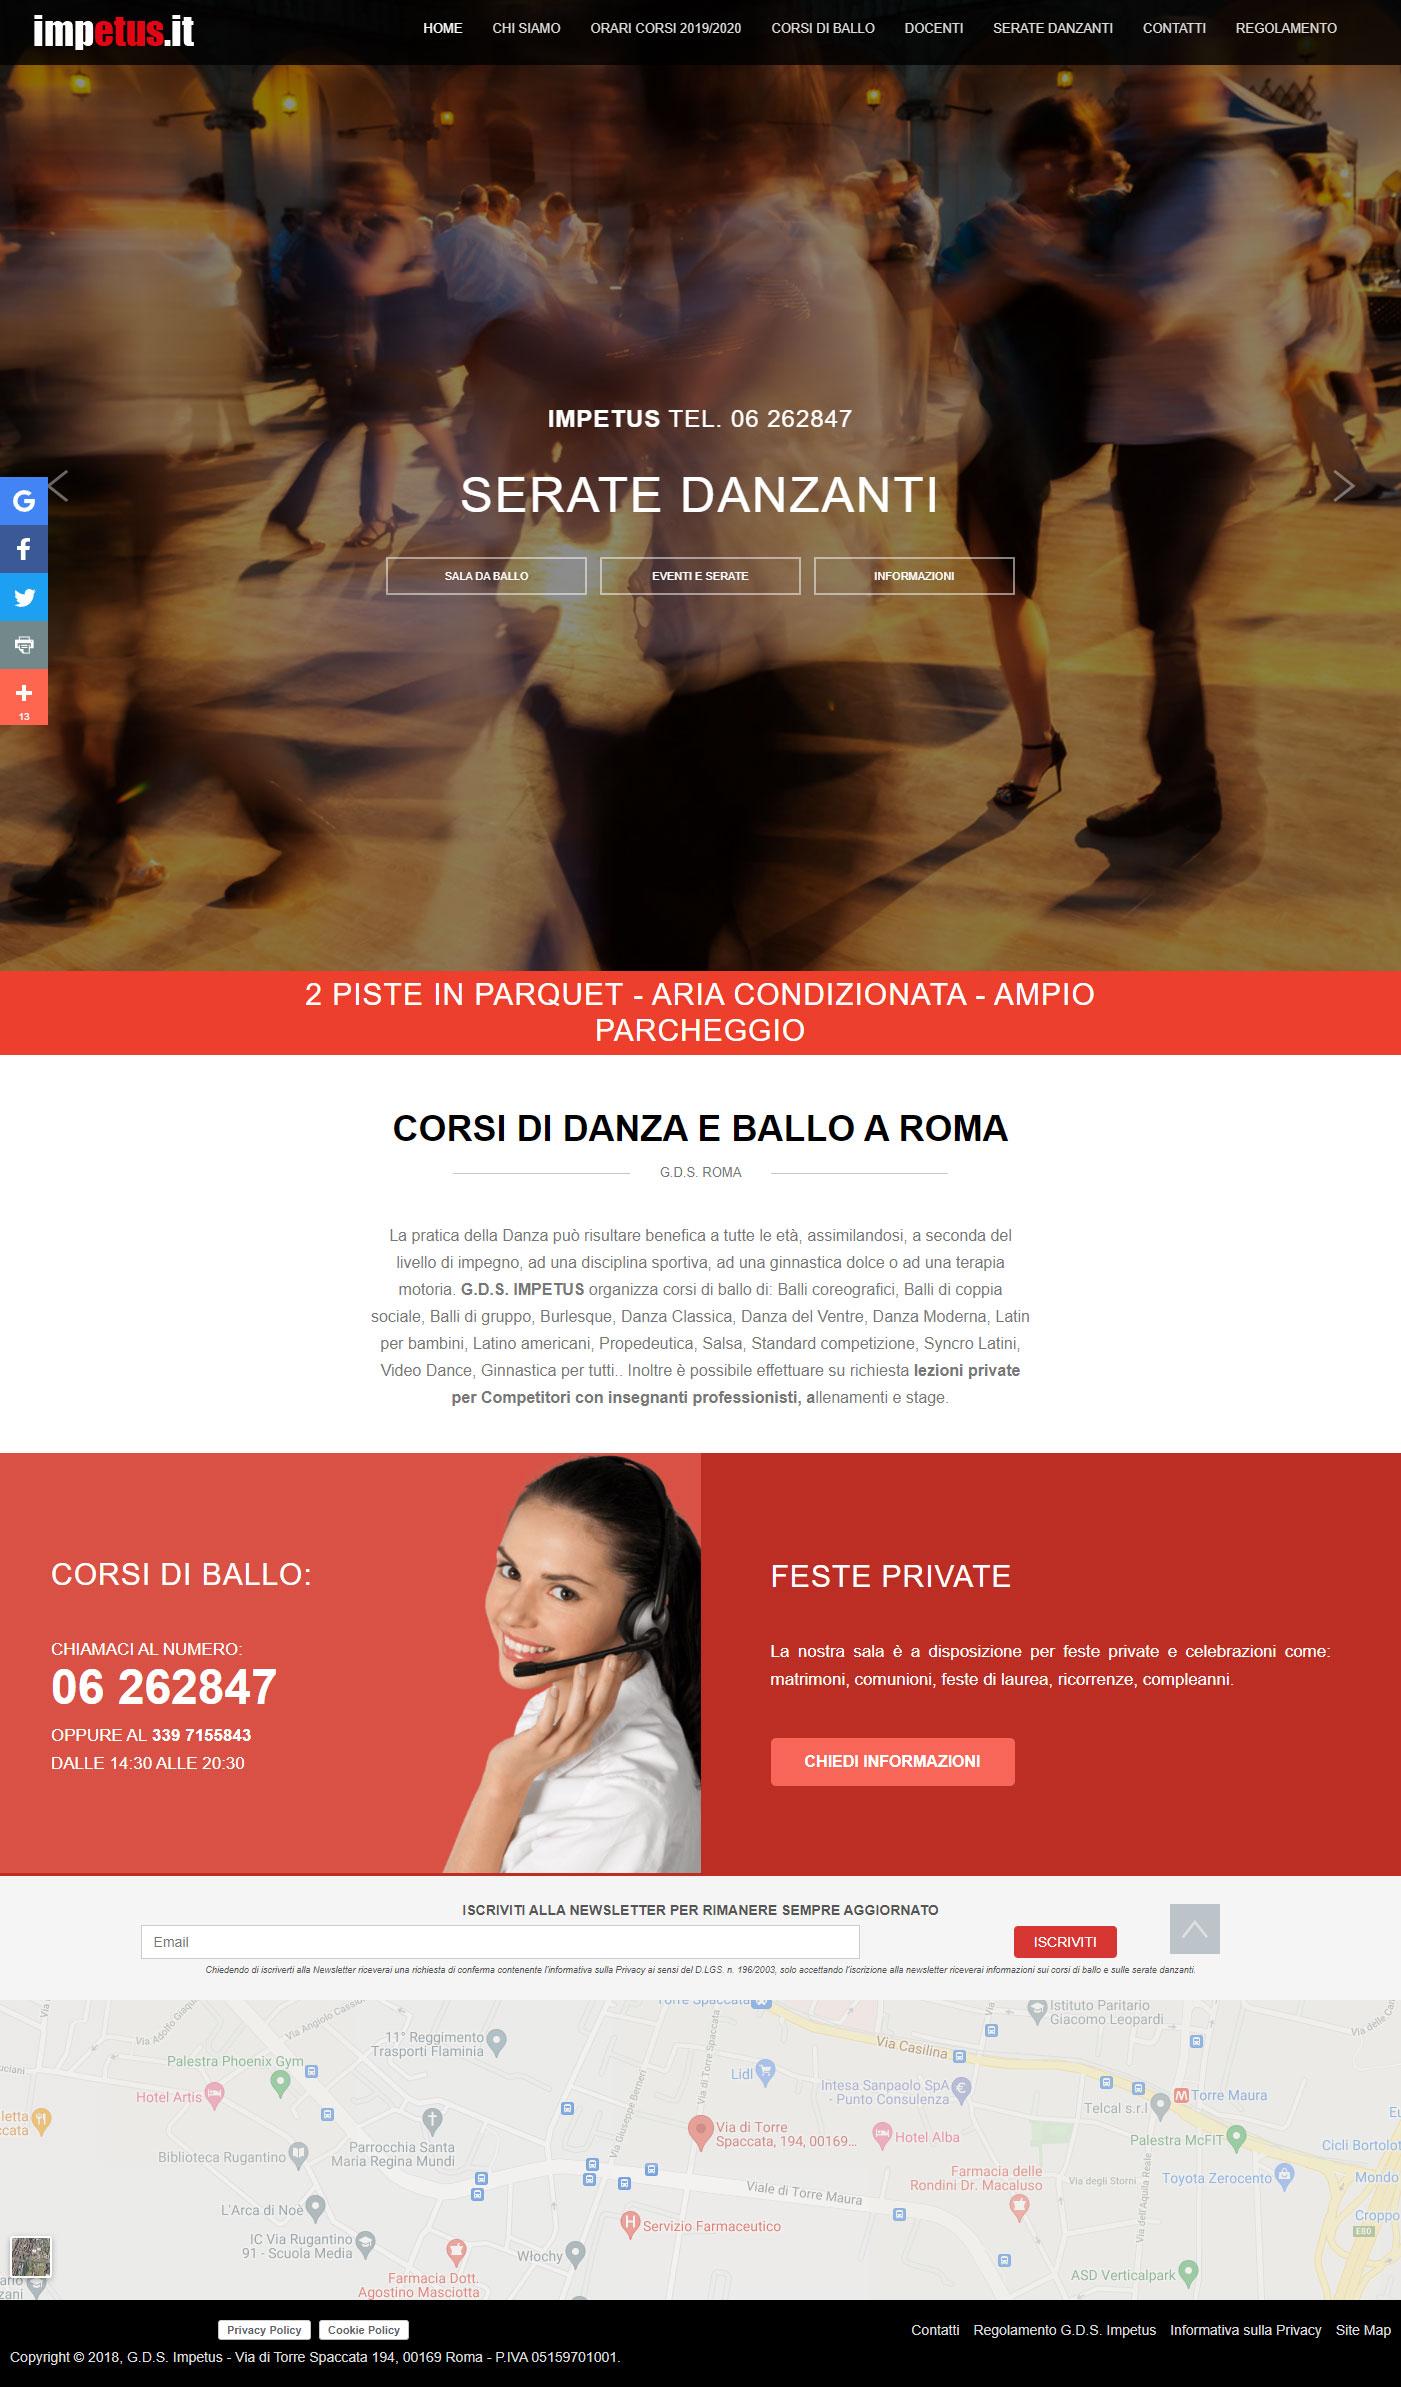 Corsi di Ballo Impetus